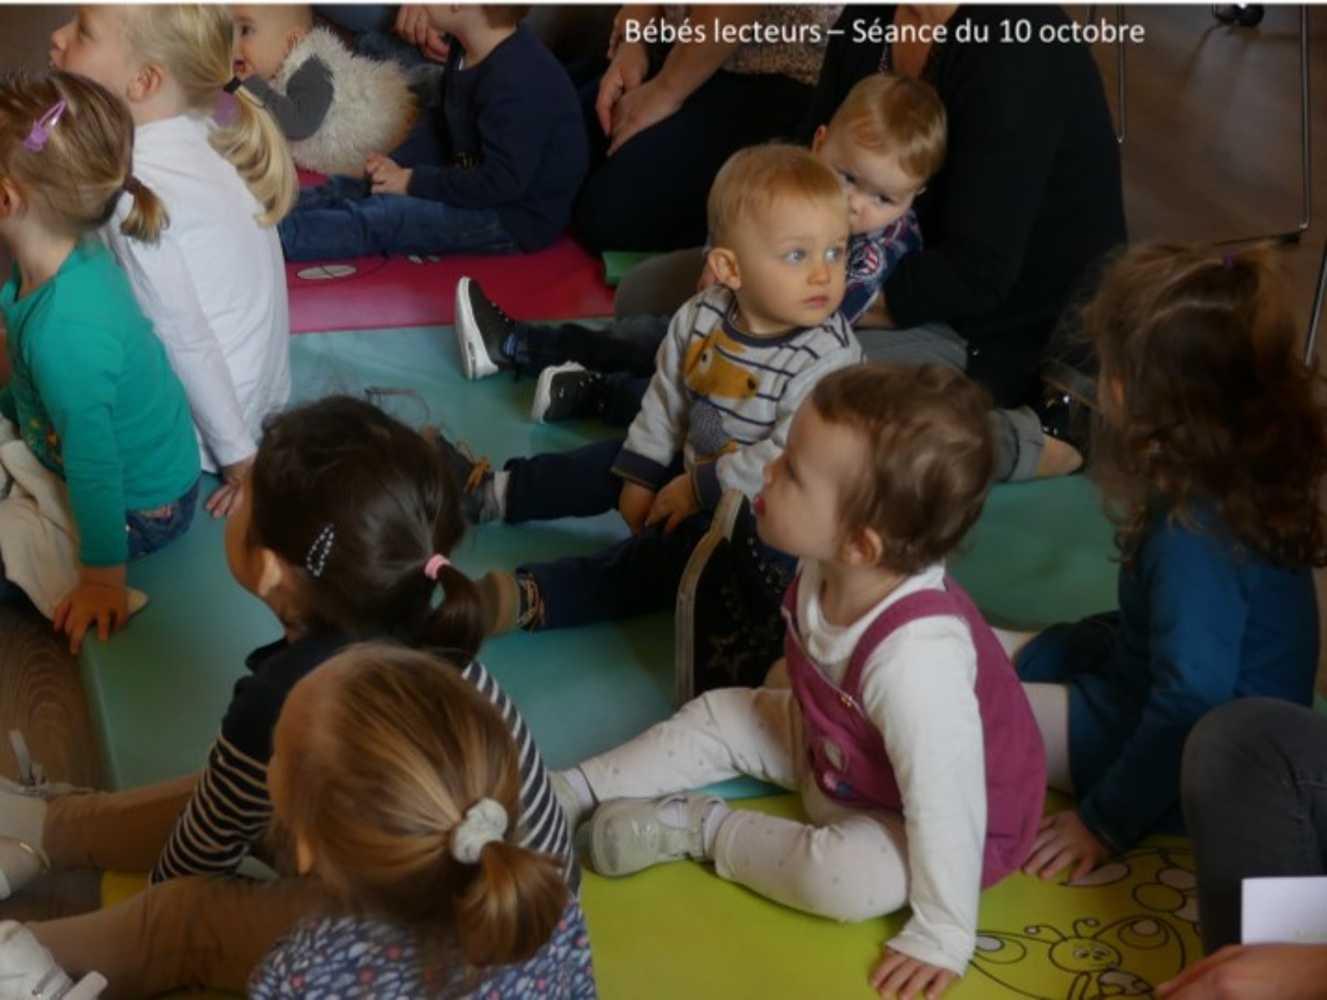 Bébés lecteurs : photos de la séance du jeudi 10 octobre image5